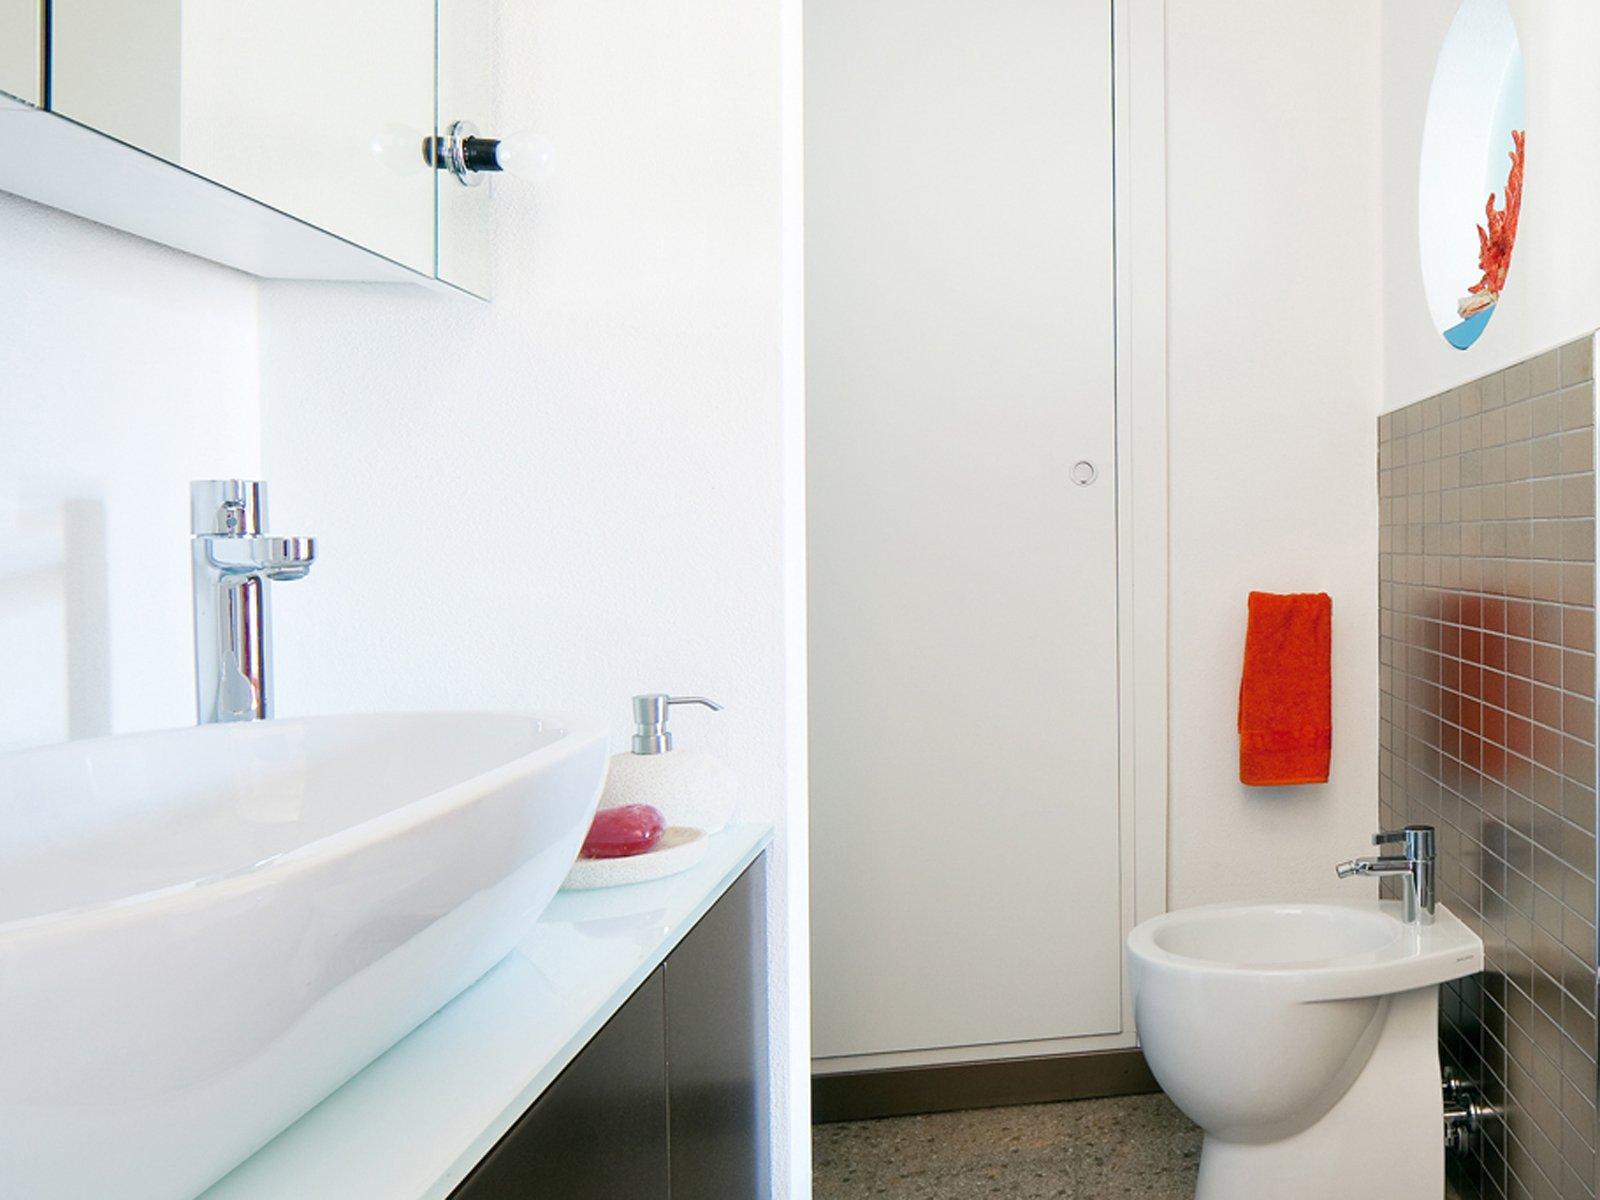 Specchio da bagno orizzontale con luci luce illuminazione led